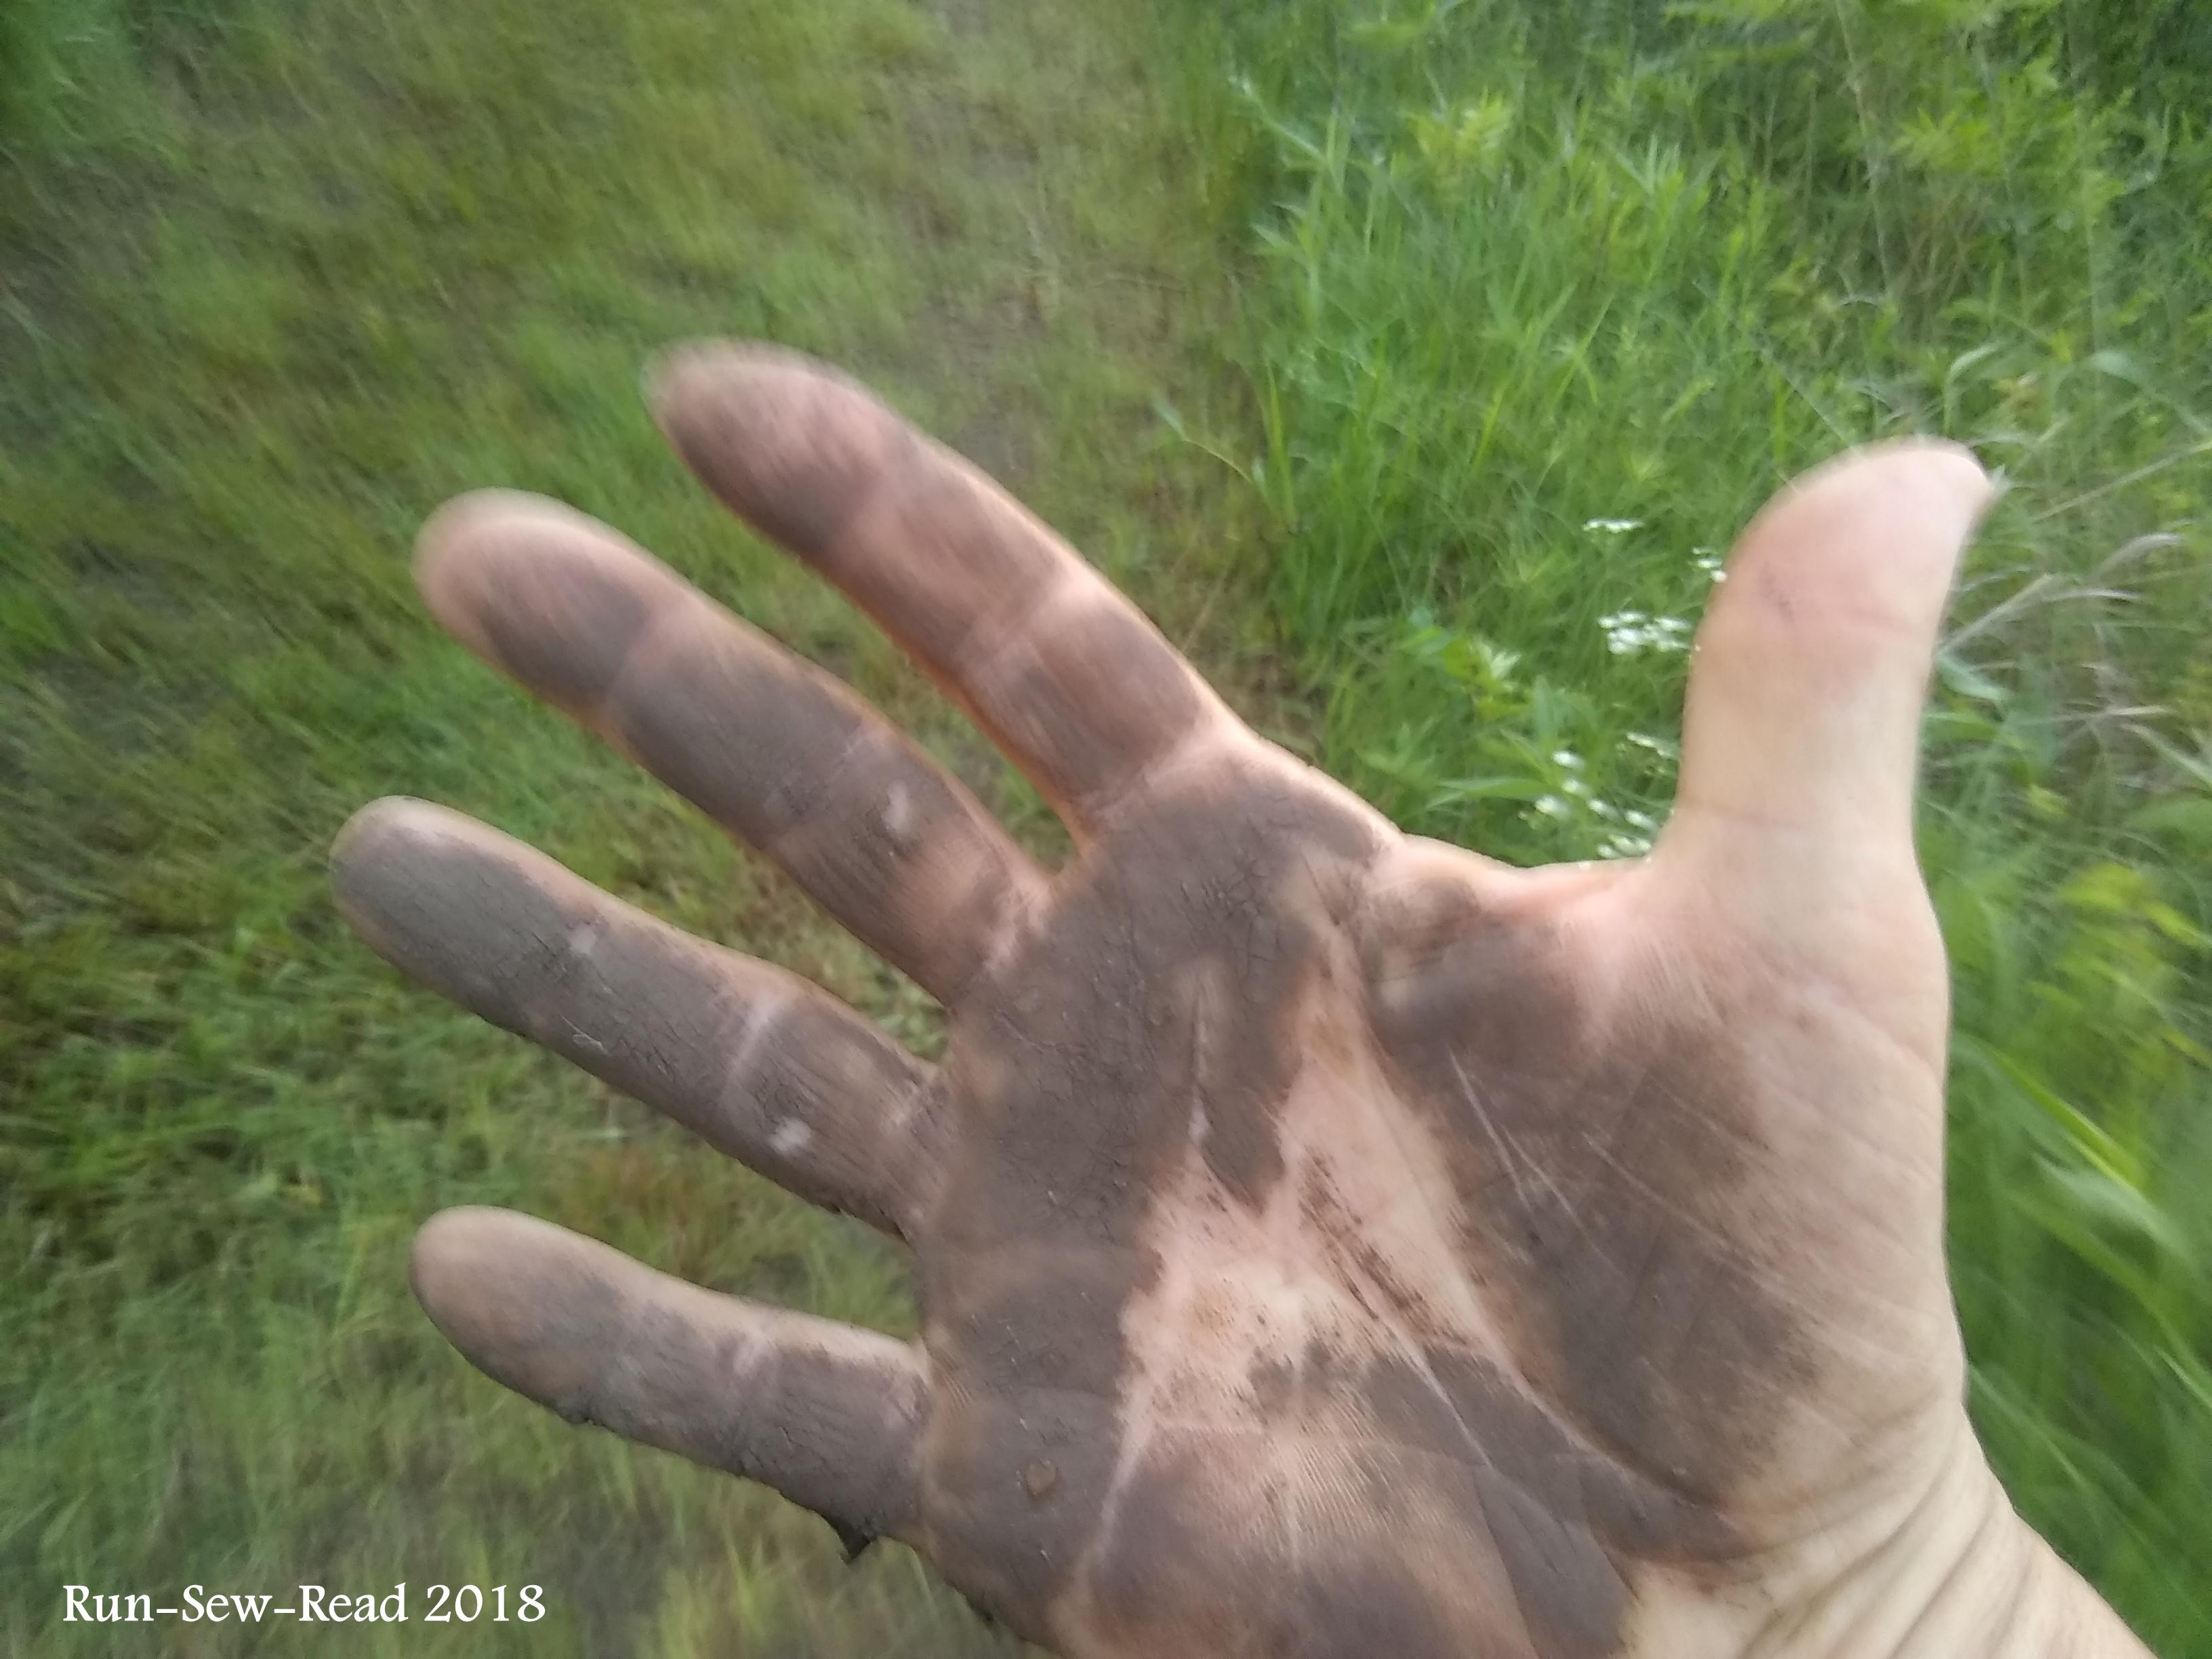 STD muddy hand